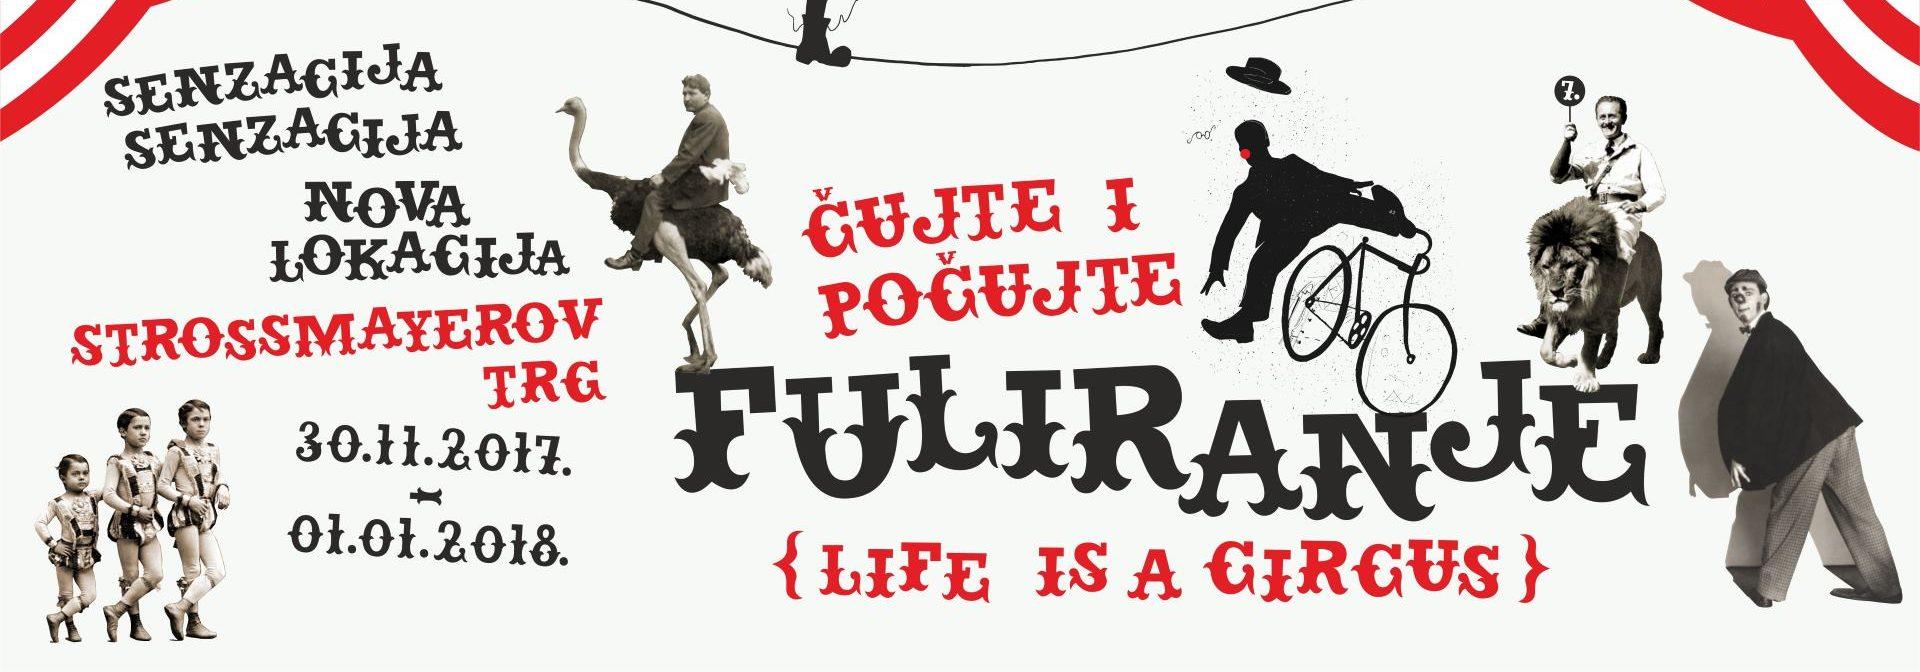 LIFE IS A CIRCUS Fuliranje ove godine na Strossmayerovom trgu